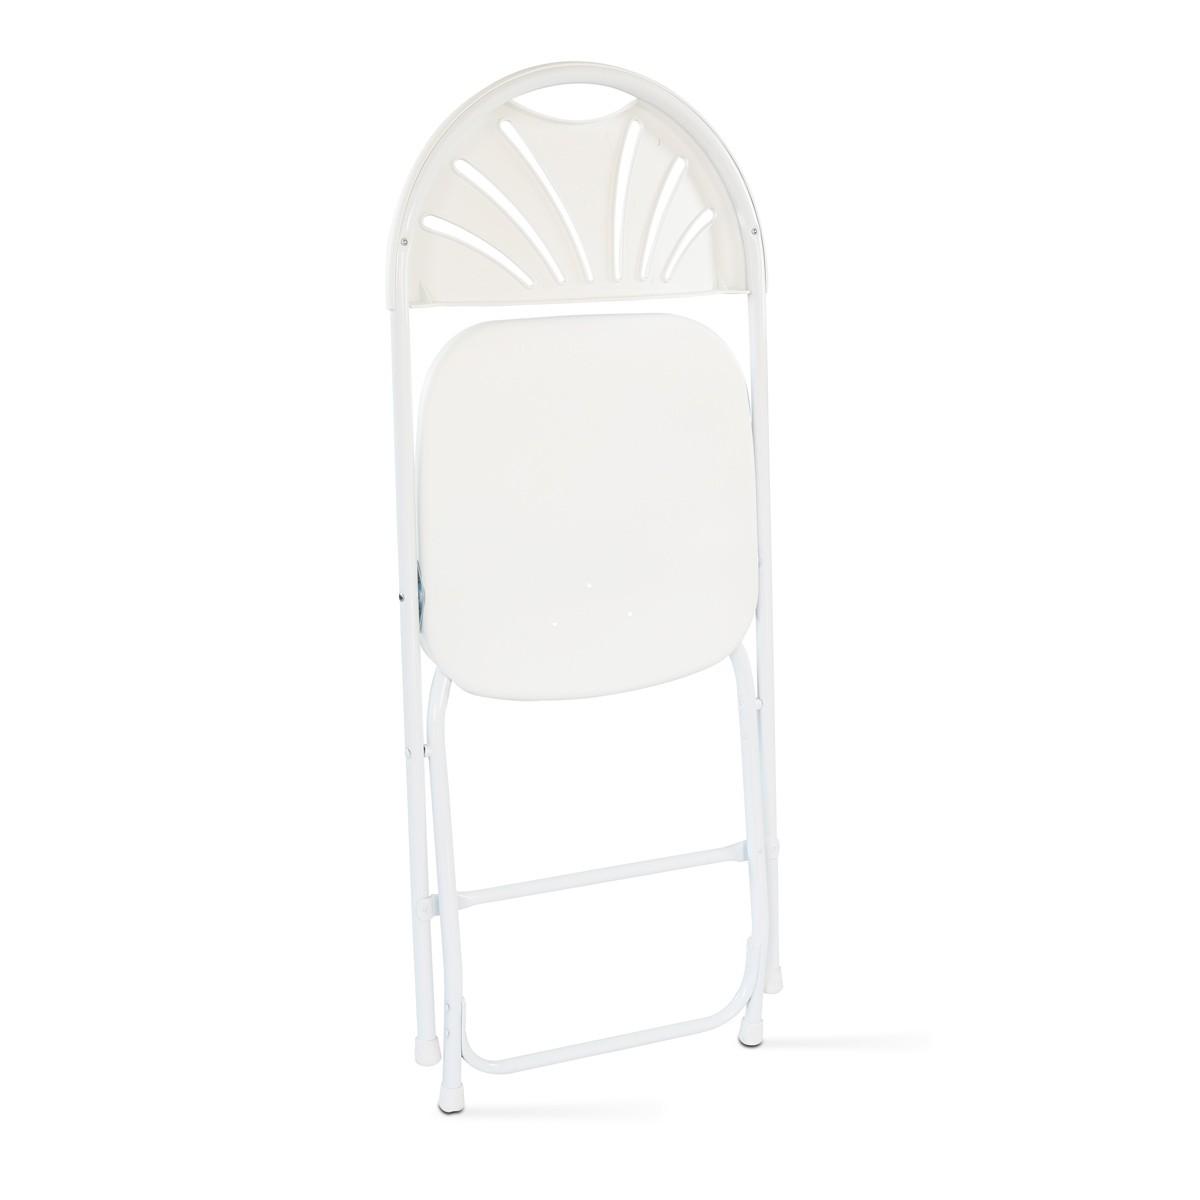 Chaise Pliante Et Housse De Blanche